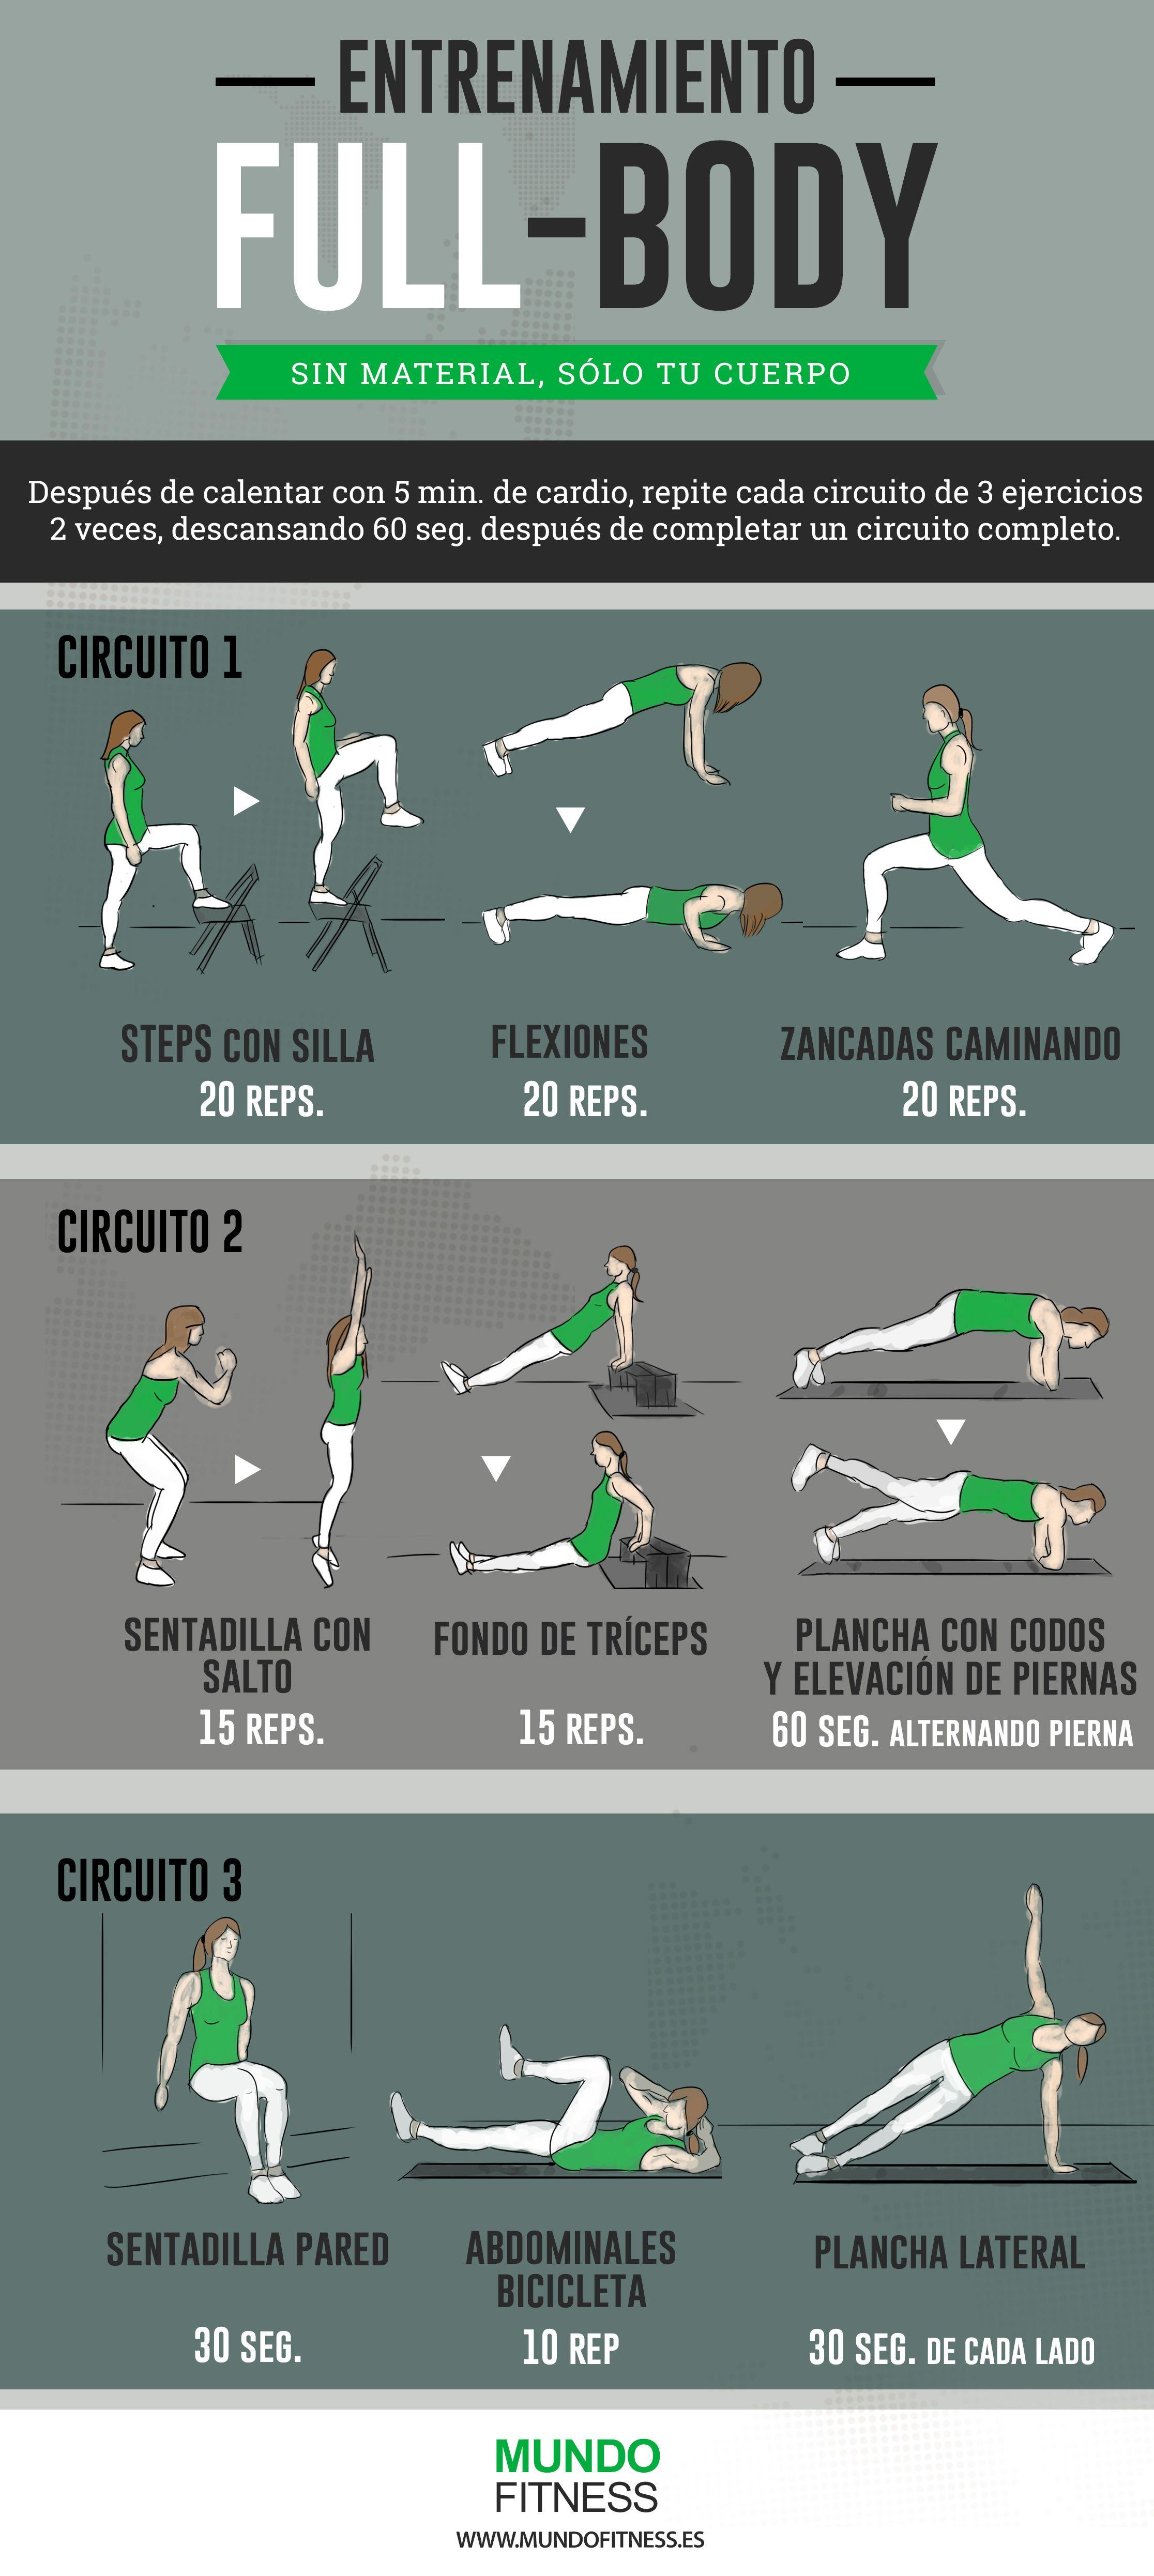 Circuito Hiit En Casa : Infografía de entrenamiento full body workout plans